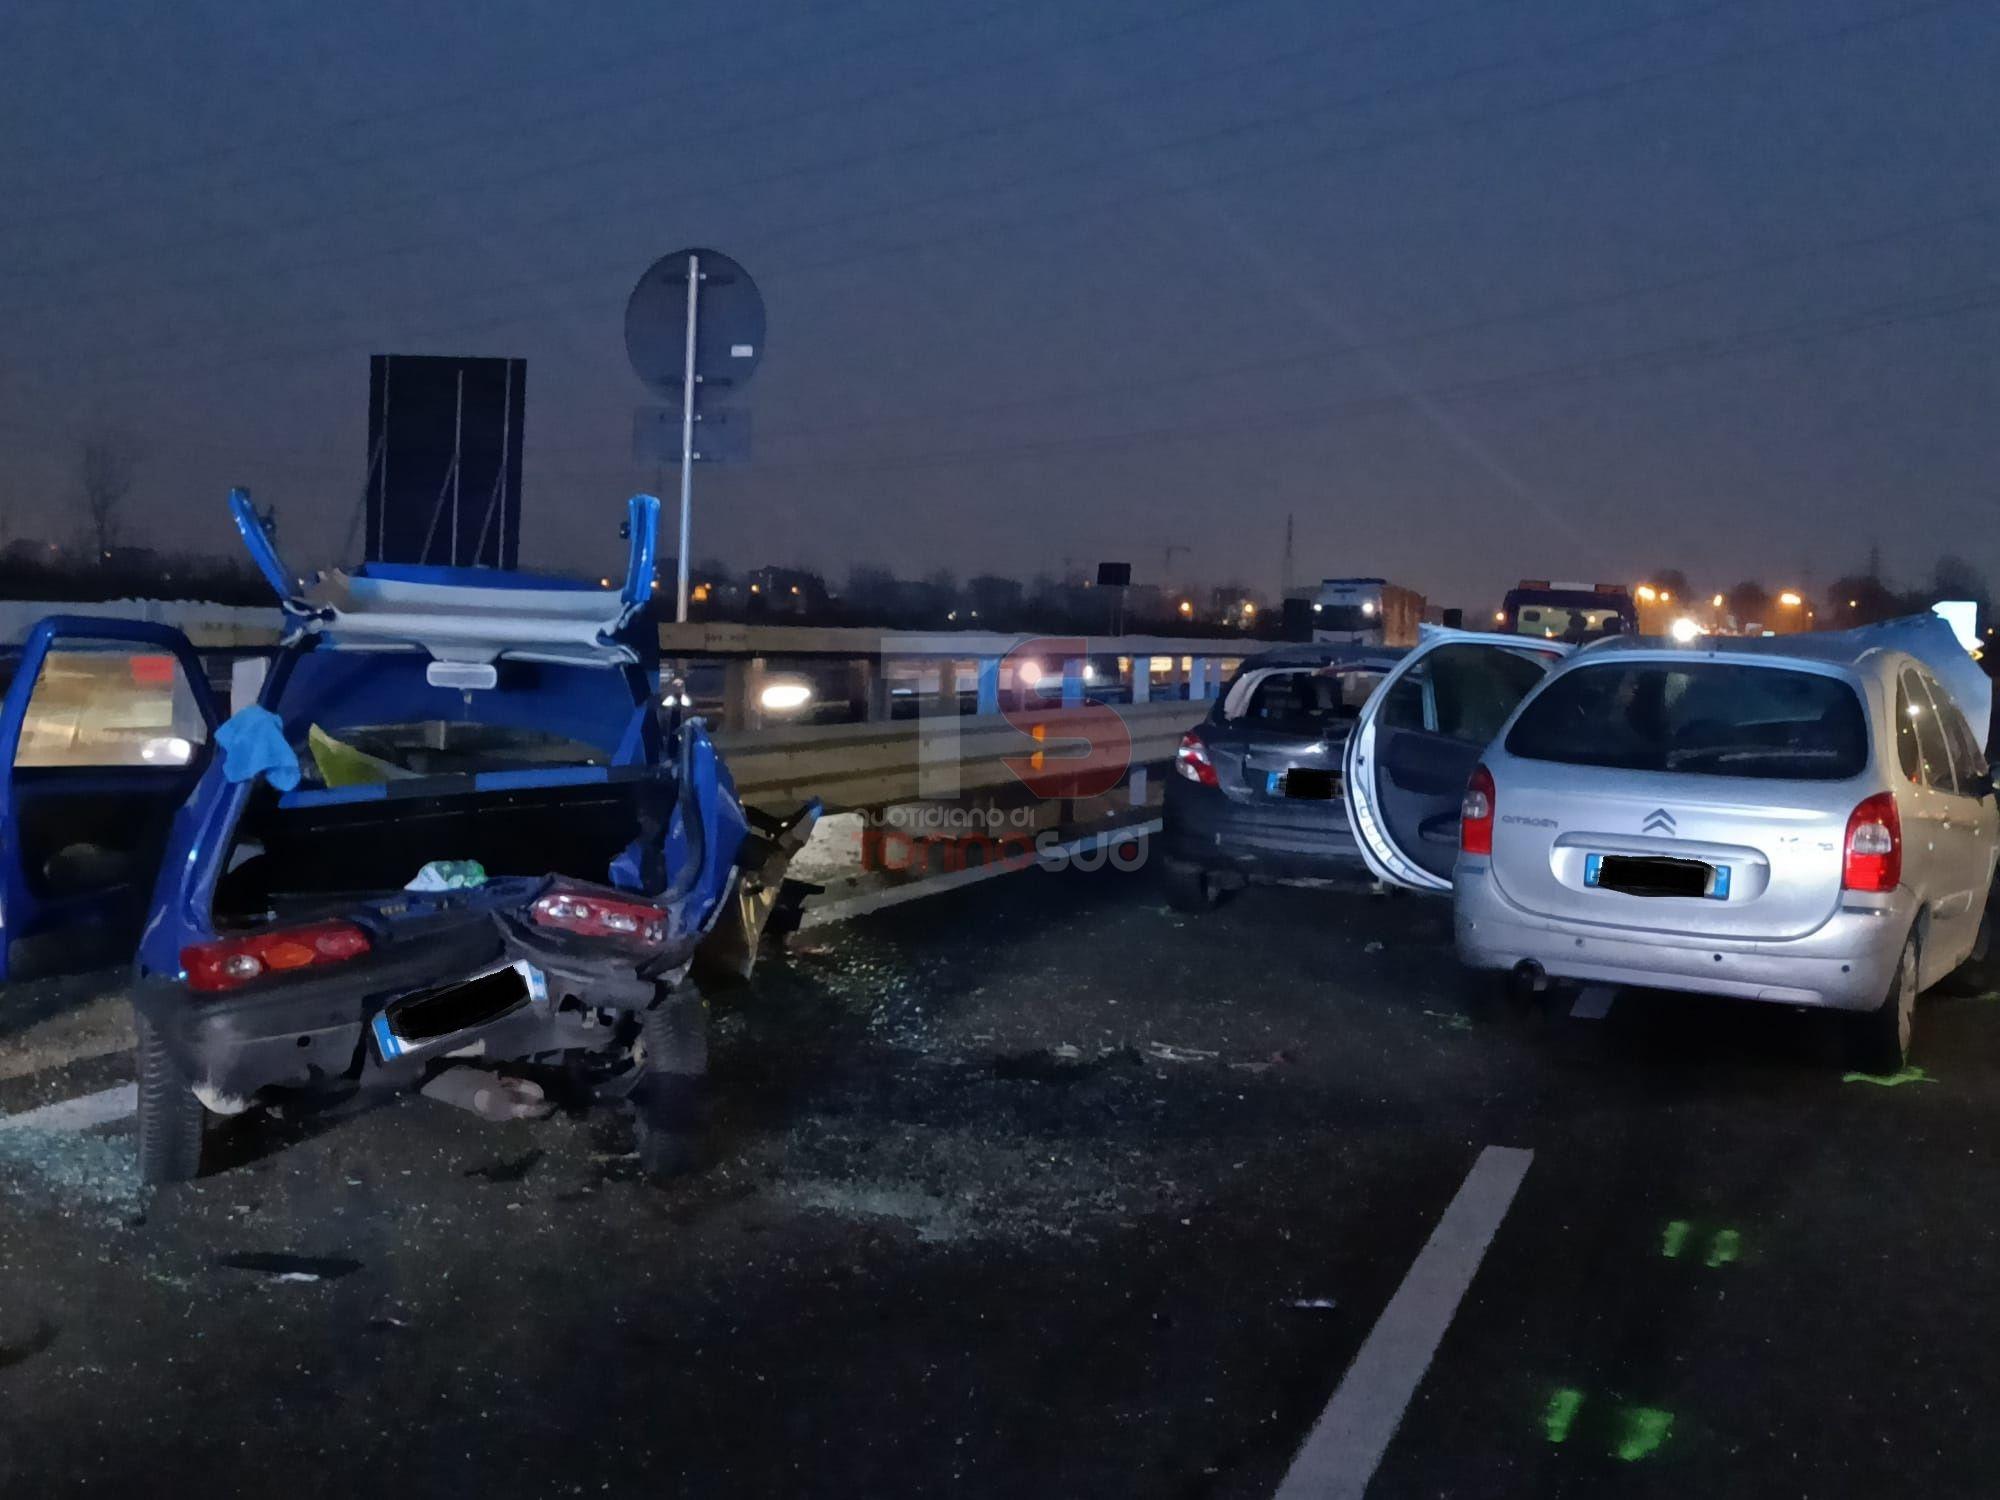 NICHELINO - Brutto incidente sulla via Debouché: tre feriti, uno grave e strada parzialmente chiusa